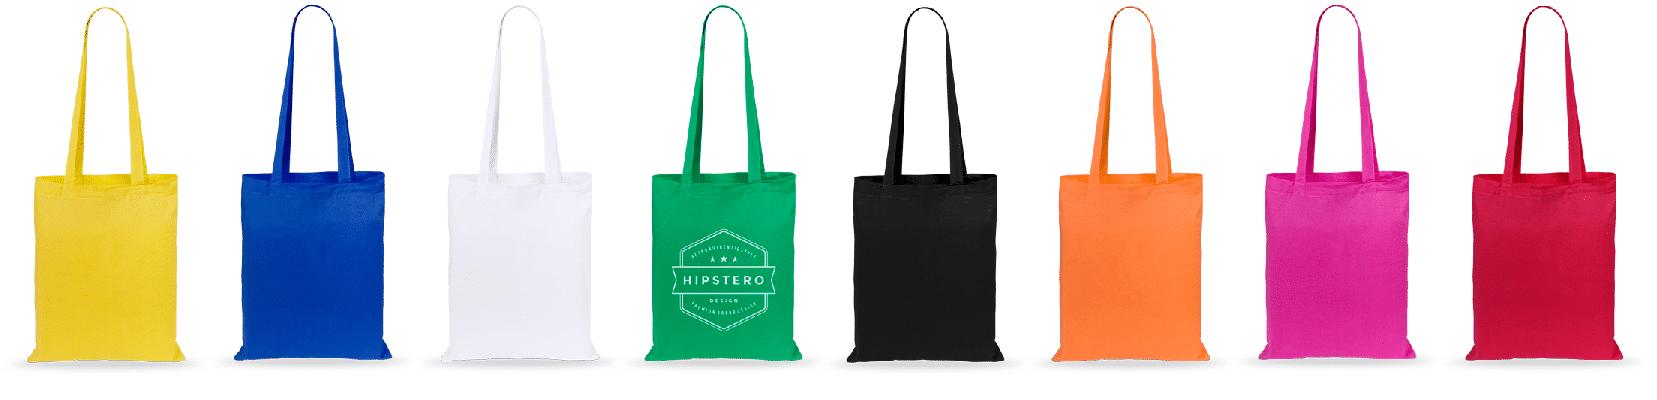 Las bolsas de tela de algodón son 100% ecológicas ya que son biodegradables, son bolsas muy resistentes y reutilizables. Además de ser muy prácticas responden muy bien a muchos usos. Tanto para tiendas como para utilizar de bolsas de comprar o simplemente para publicidad. Están disponibles en una gran variedad de colores.